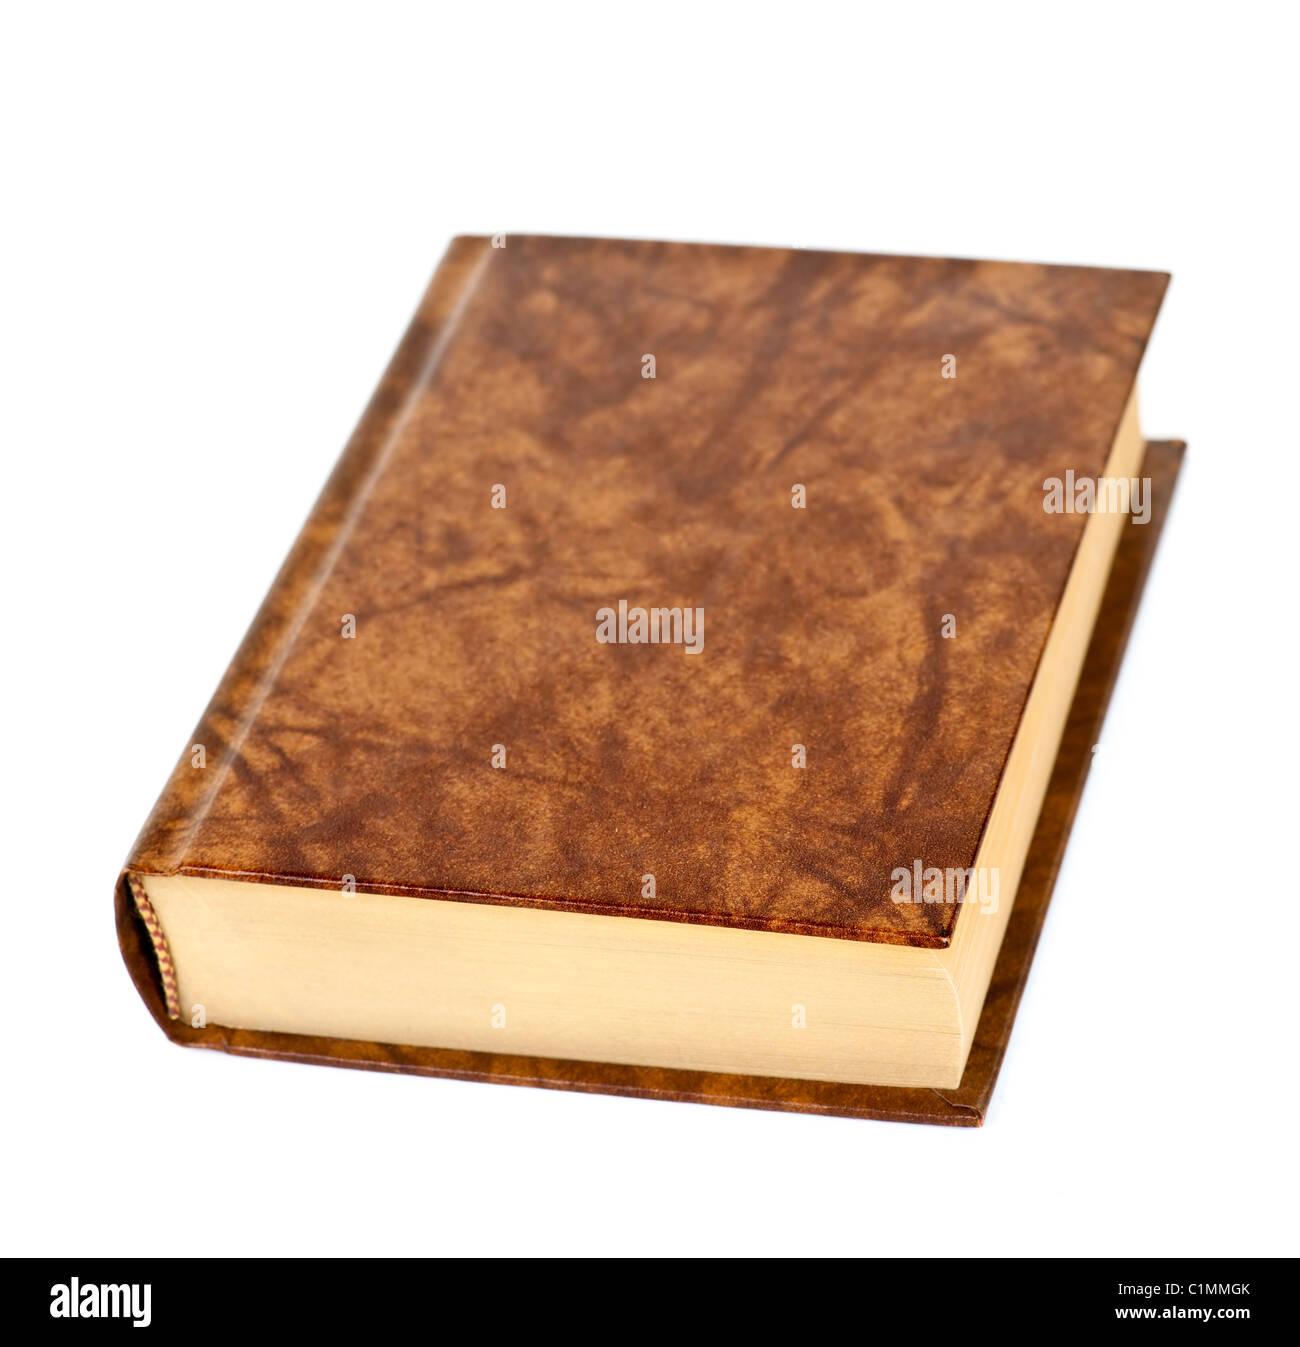 Encuadernado en blanco antiguo libro encuadernado de cuero aislado sobre fondo blanco. Imagen De Stock